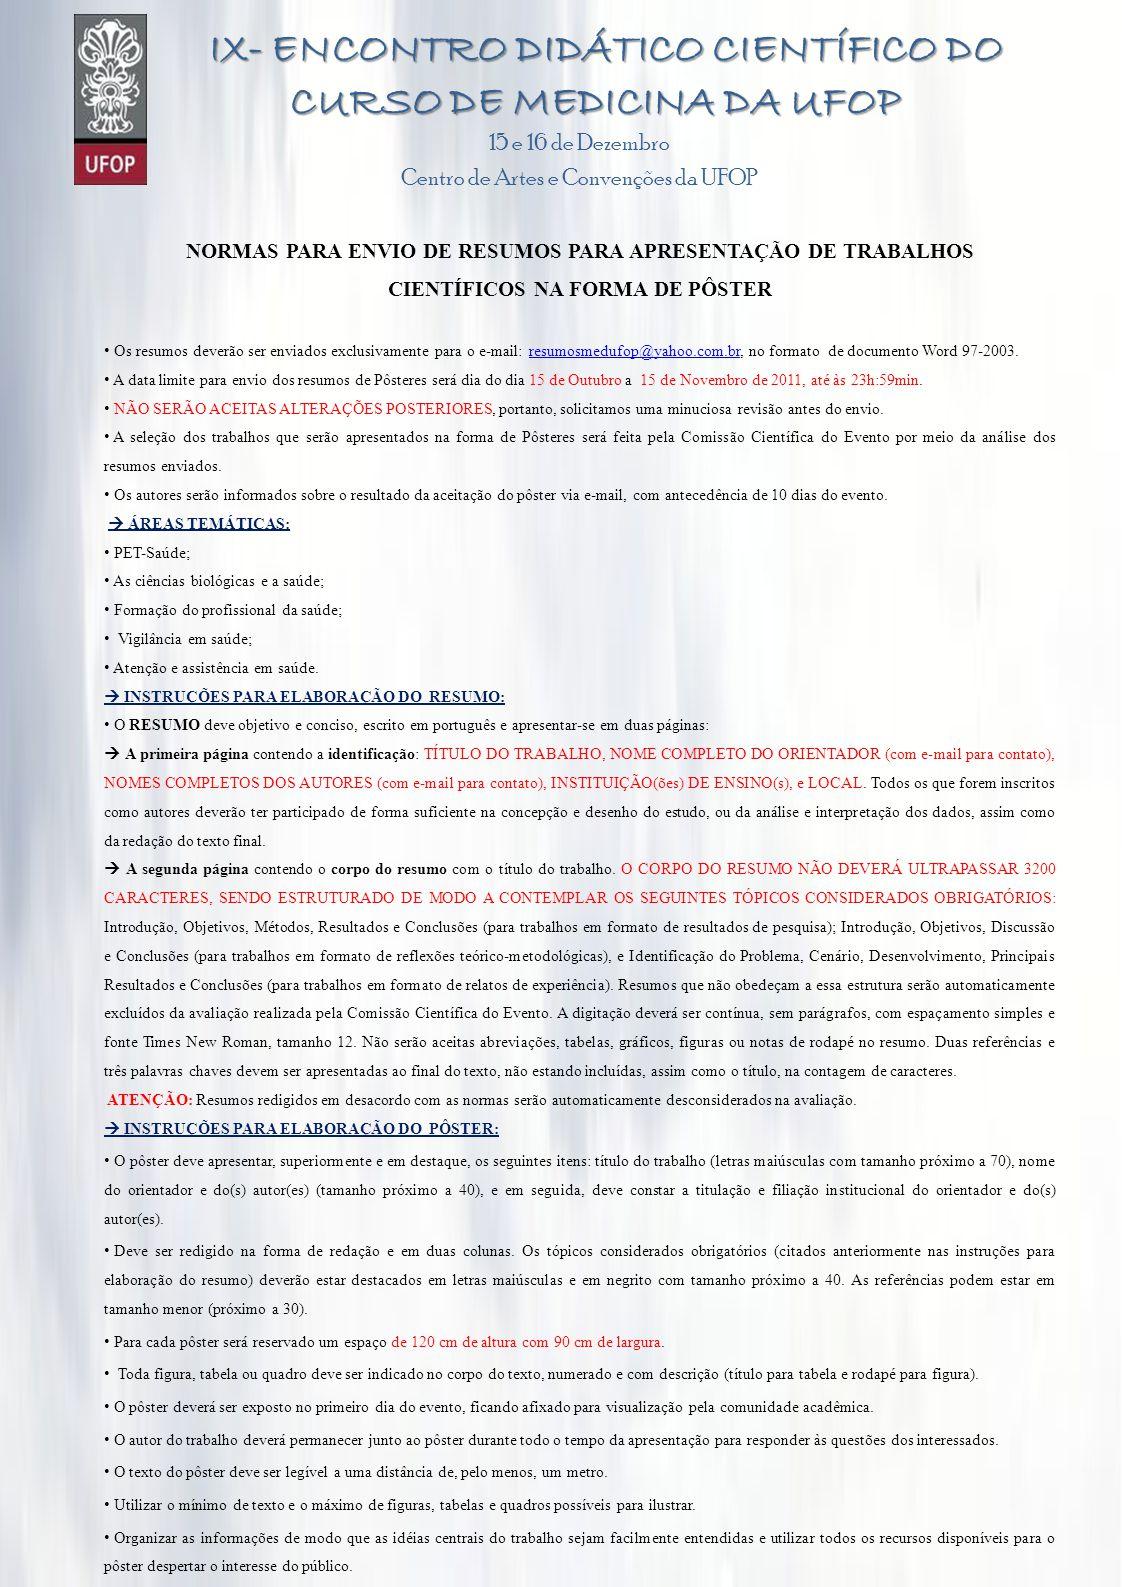 IX- ENCONTRO DIDÁTICO CIENTÍFICO DO CURSO DE MEDICINA DA UFOP IX- ENCONTRO DIDÁTICO CIENTÍFICO DO CURSO DE MEDICINA DA UFOP 15 e 16 de Dezembro Centro de Artes e Convenções da UFOP NORMAS PARA ENVIO DE RESUMOS PARA APRESENTAÇÃO DE TRABALHOS CIENTÍFICOS NA FORMA DE PÔSTER Os resumos deverão ser enviados exclusivamente para o e-mail: resumosmedufop@yahoo.com.br, no formato de documento Word 97-2003.resumosmedufop@yahoo.com.br A data limite para envio dos resumos de Pôsteres será dia do dia 15 de Outubro a 15 de Novembro de 2011, até às 23h:59min.